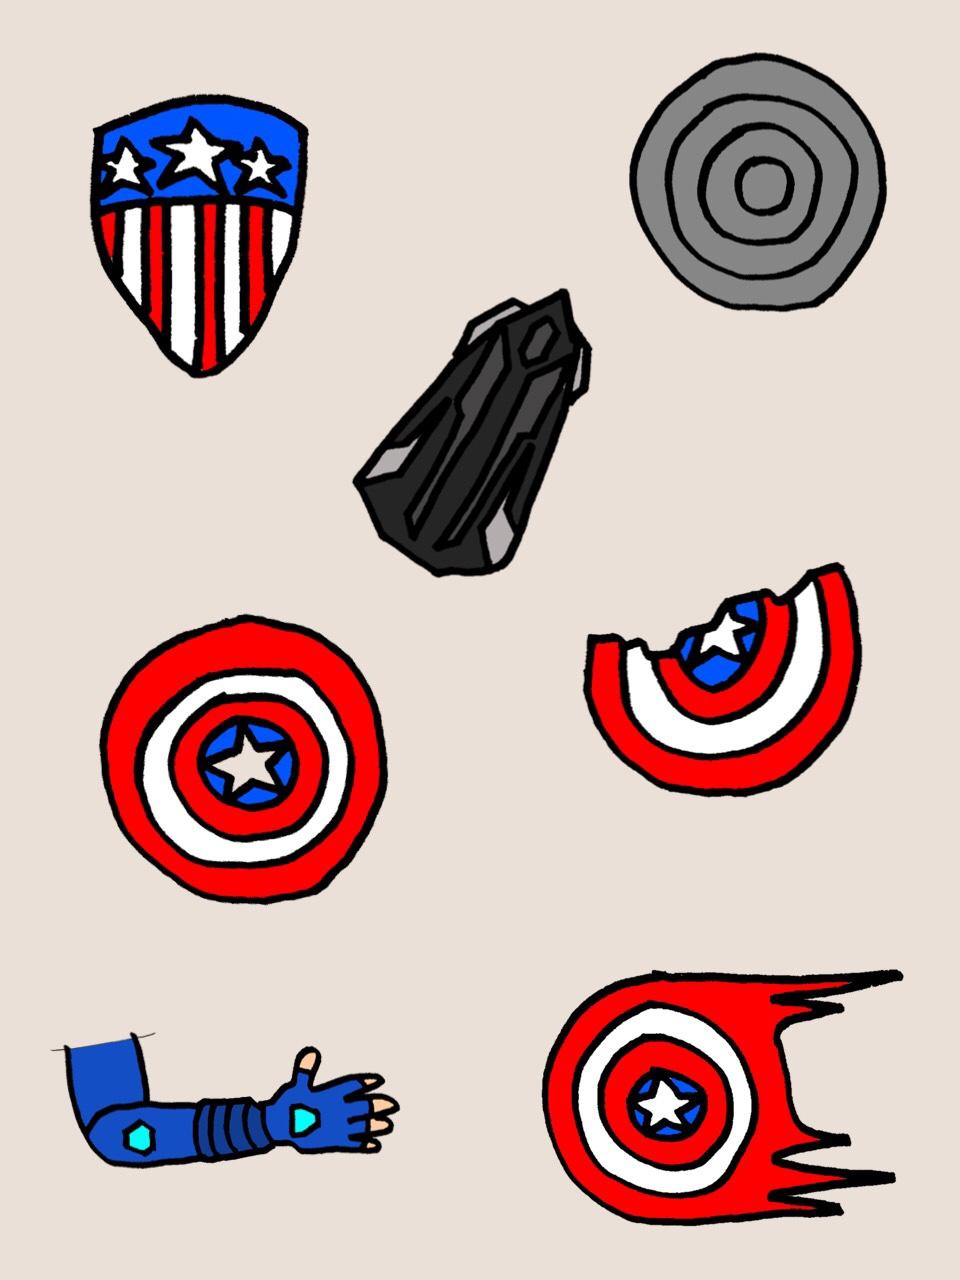 キャプテン・アメリカの盾の変化